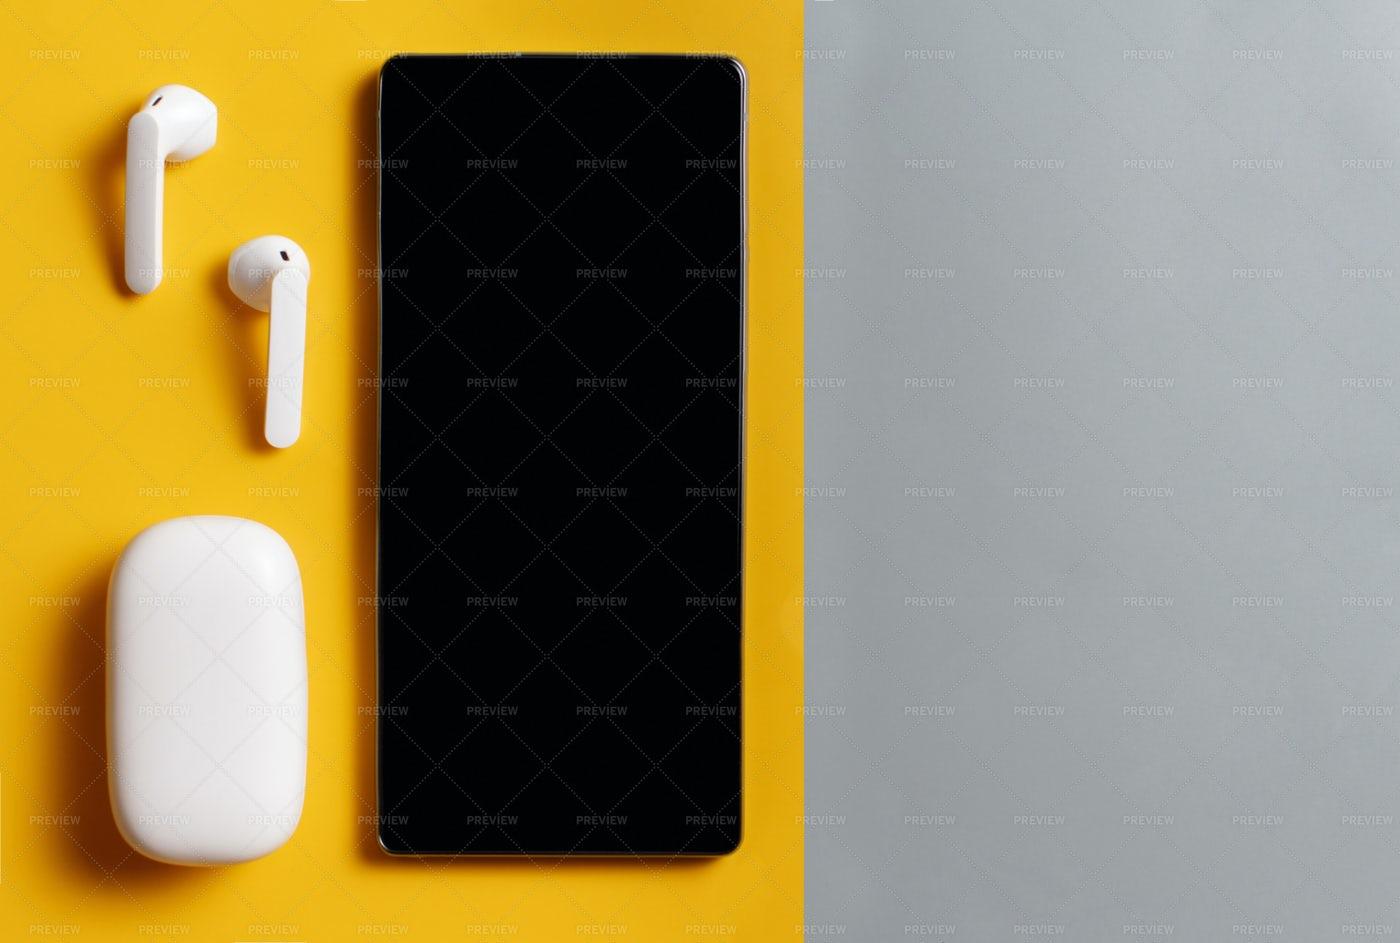 Wireless Earphones And Phone: Stock Photos